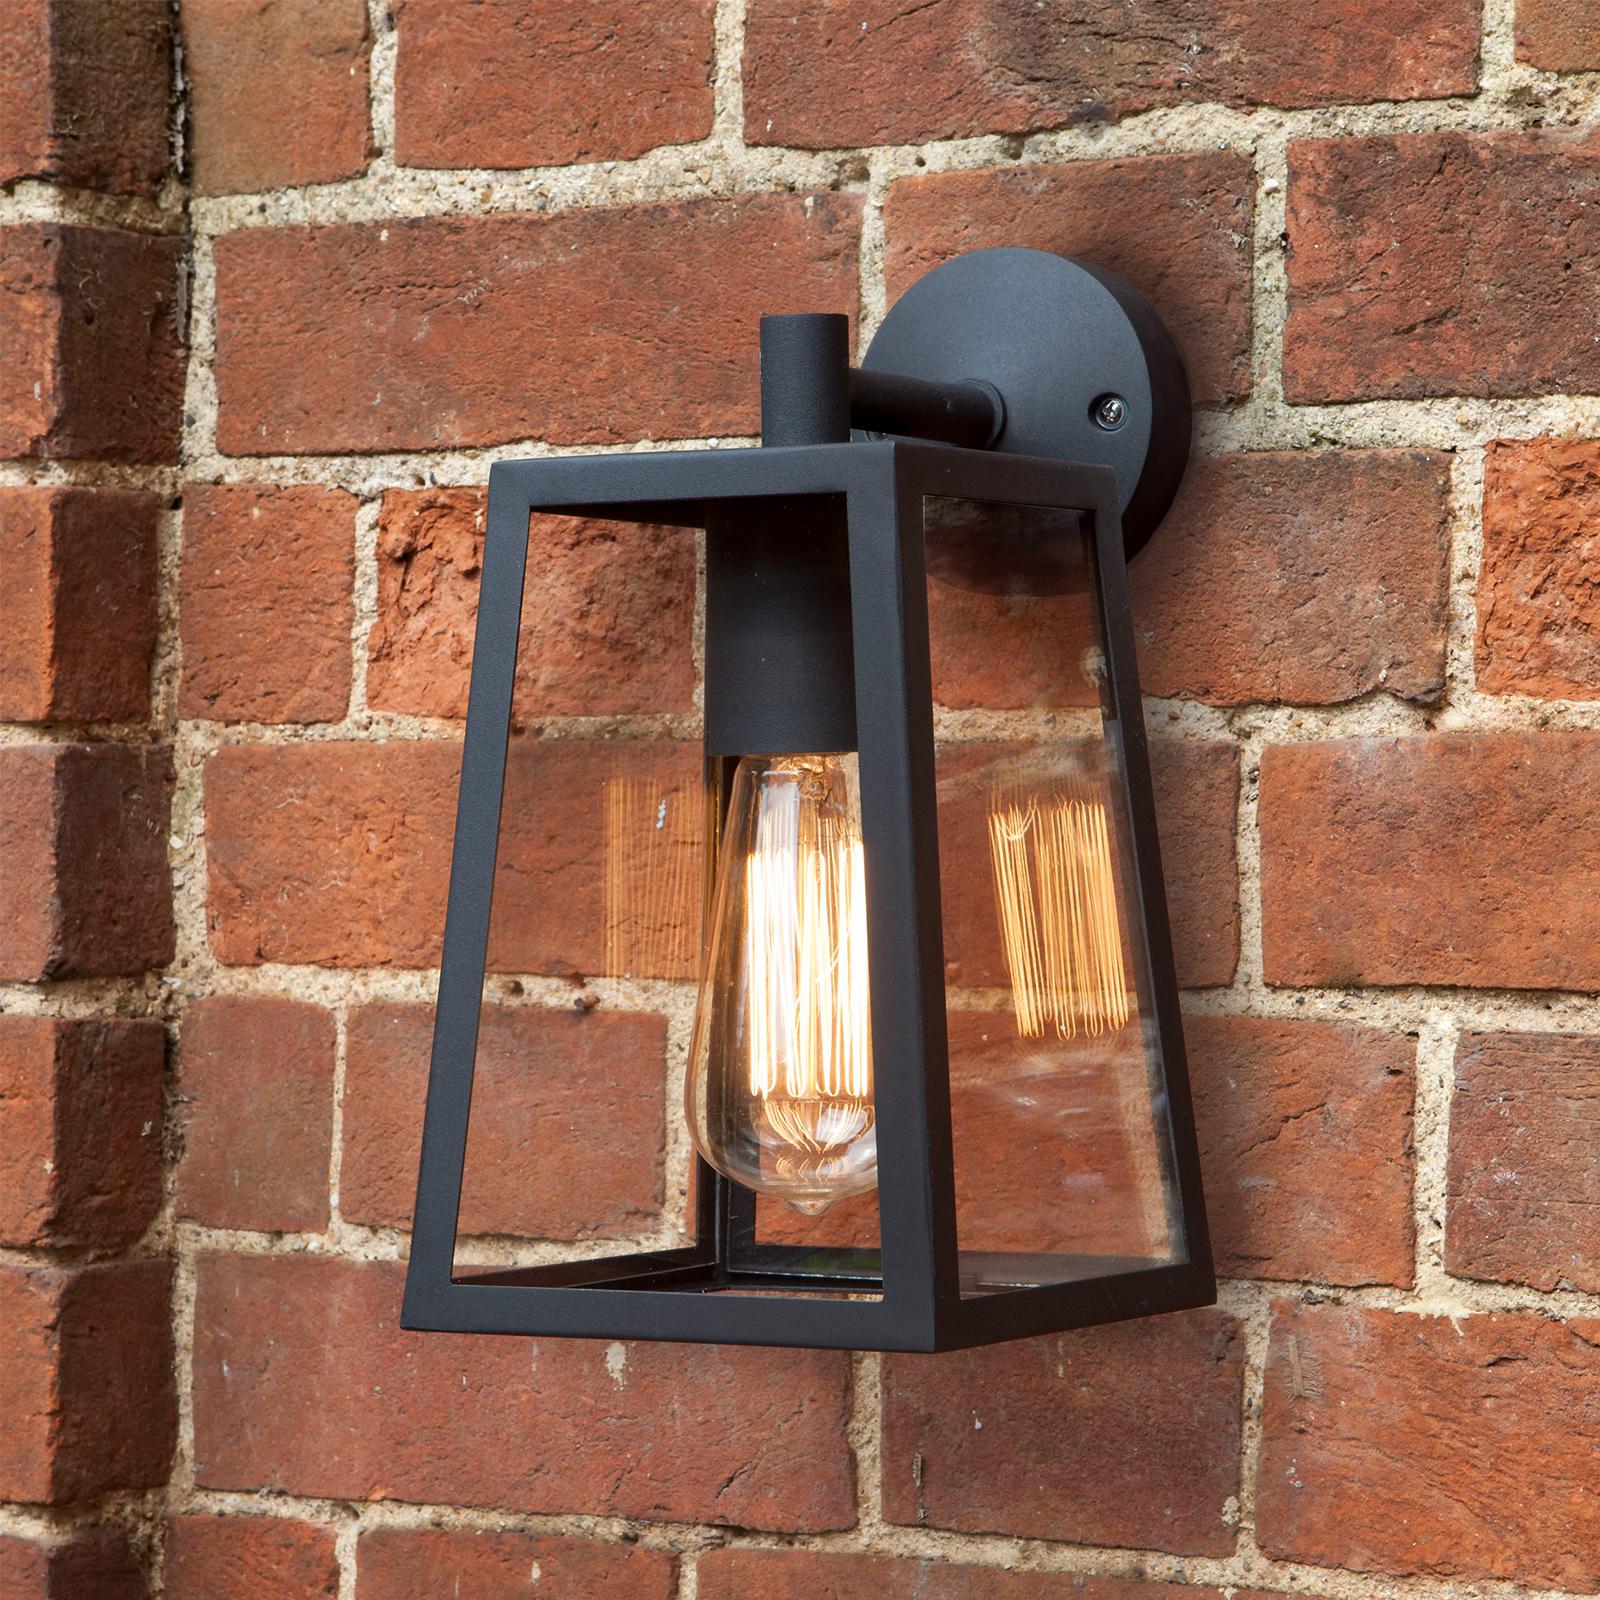 Calvi Outside Wall Light with Black Frame_1020481_1